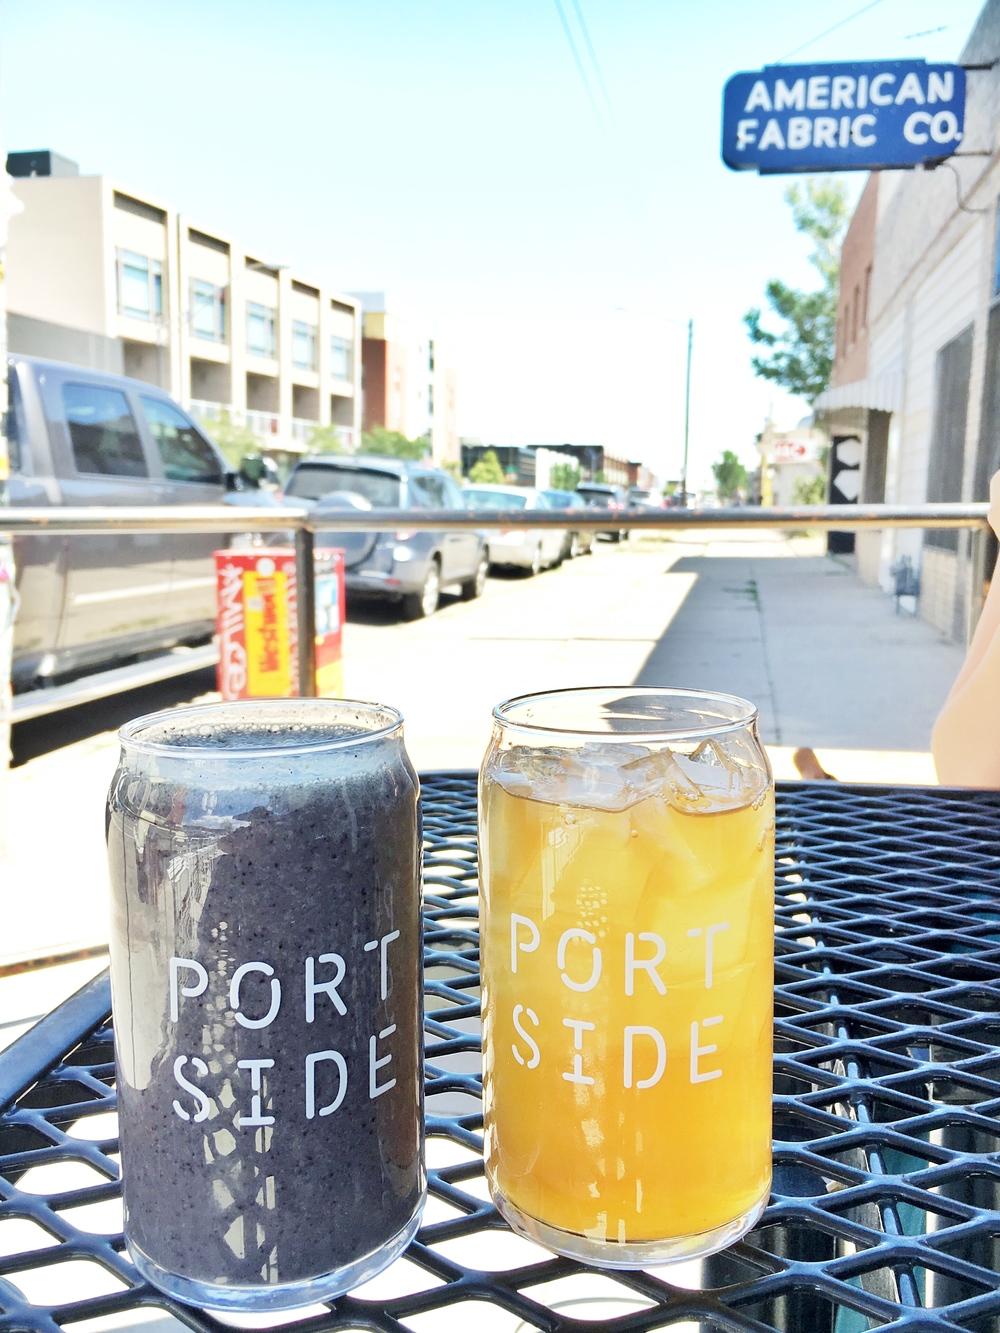 Portside - Kale Smoothie (left)